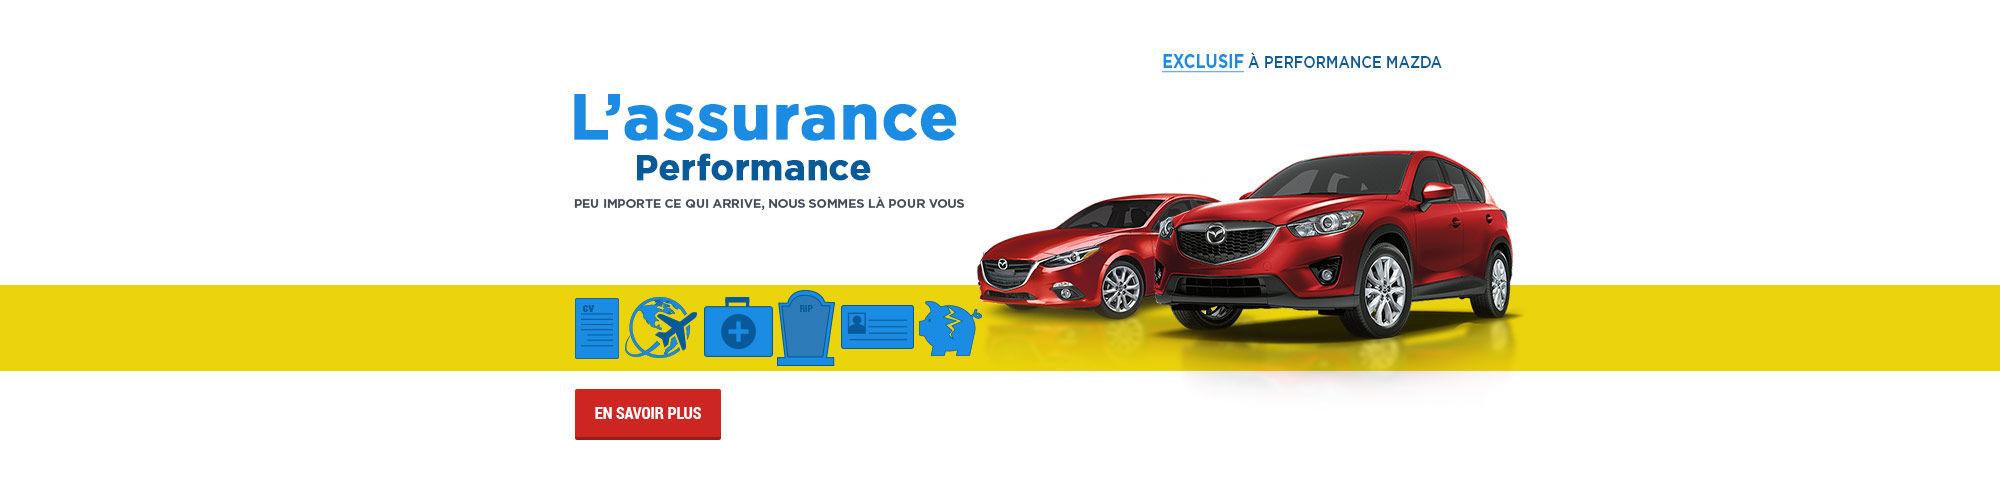 L'assurance Performance (Nouveau site)